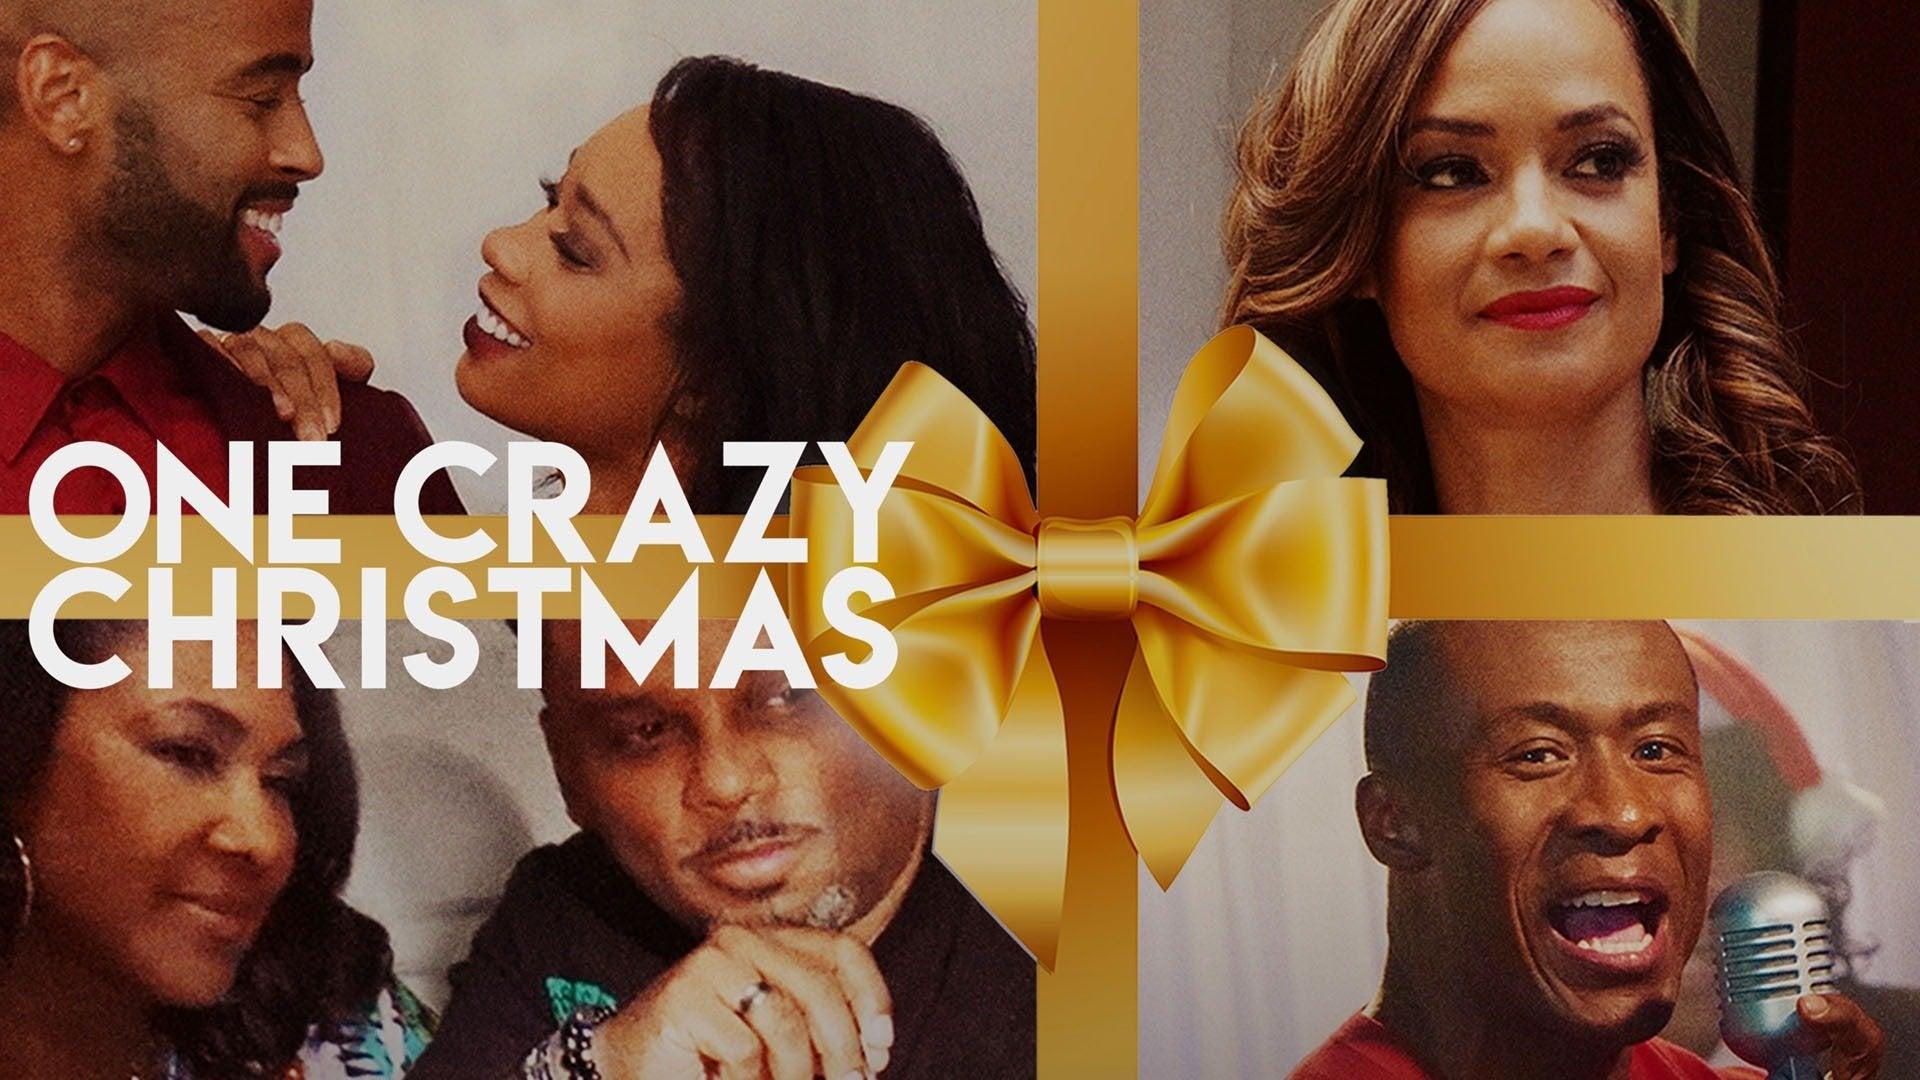 One Crazy Christmas